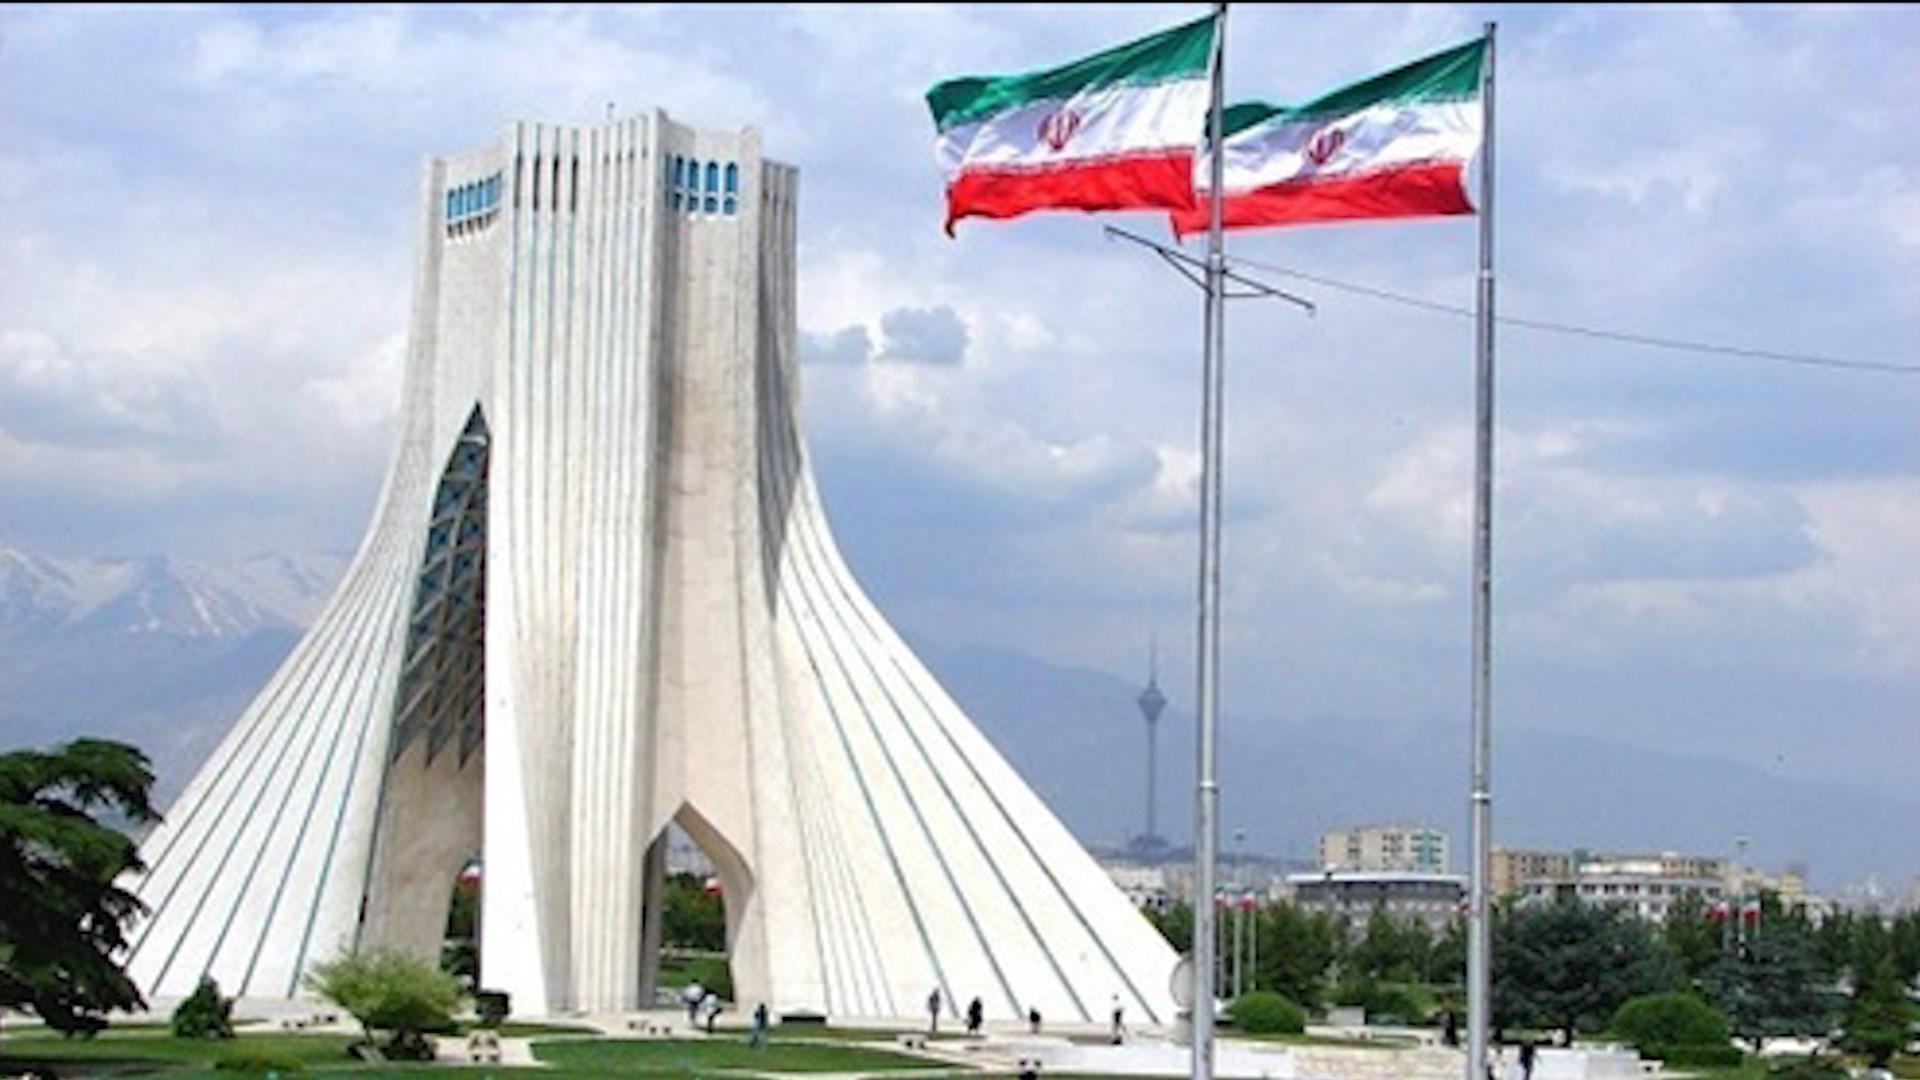 الخارجية الإيرانية: ردنا سيكون حاسماً ضد كل قرار يمس باستقلال إيران وسيادتها